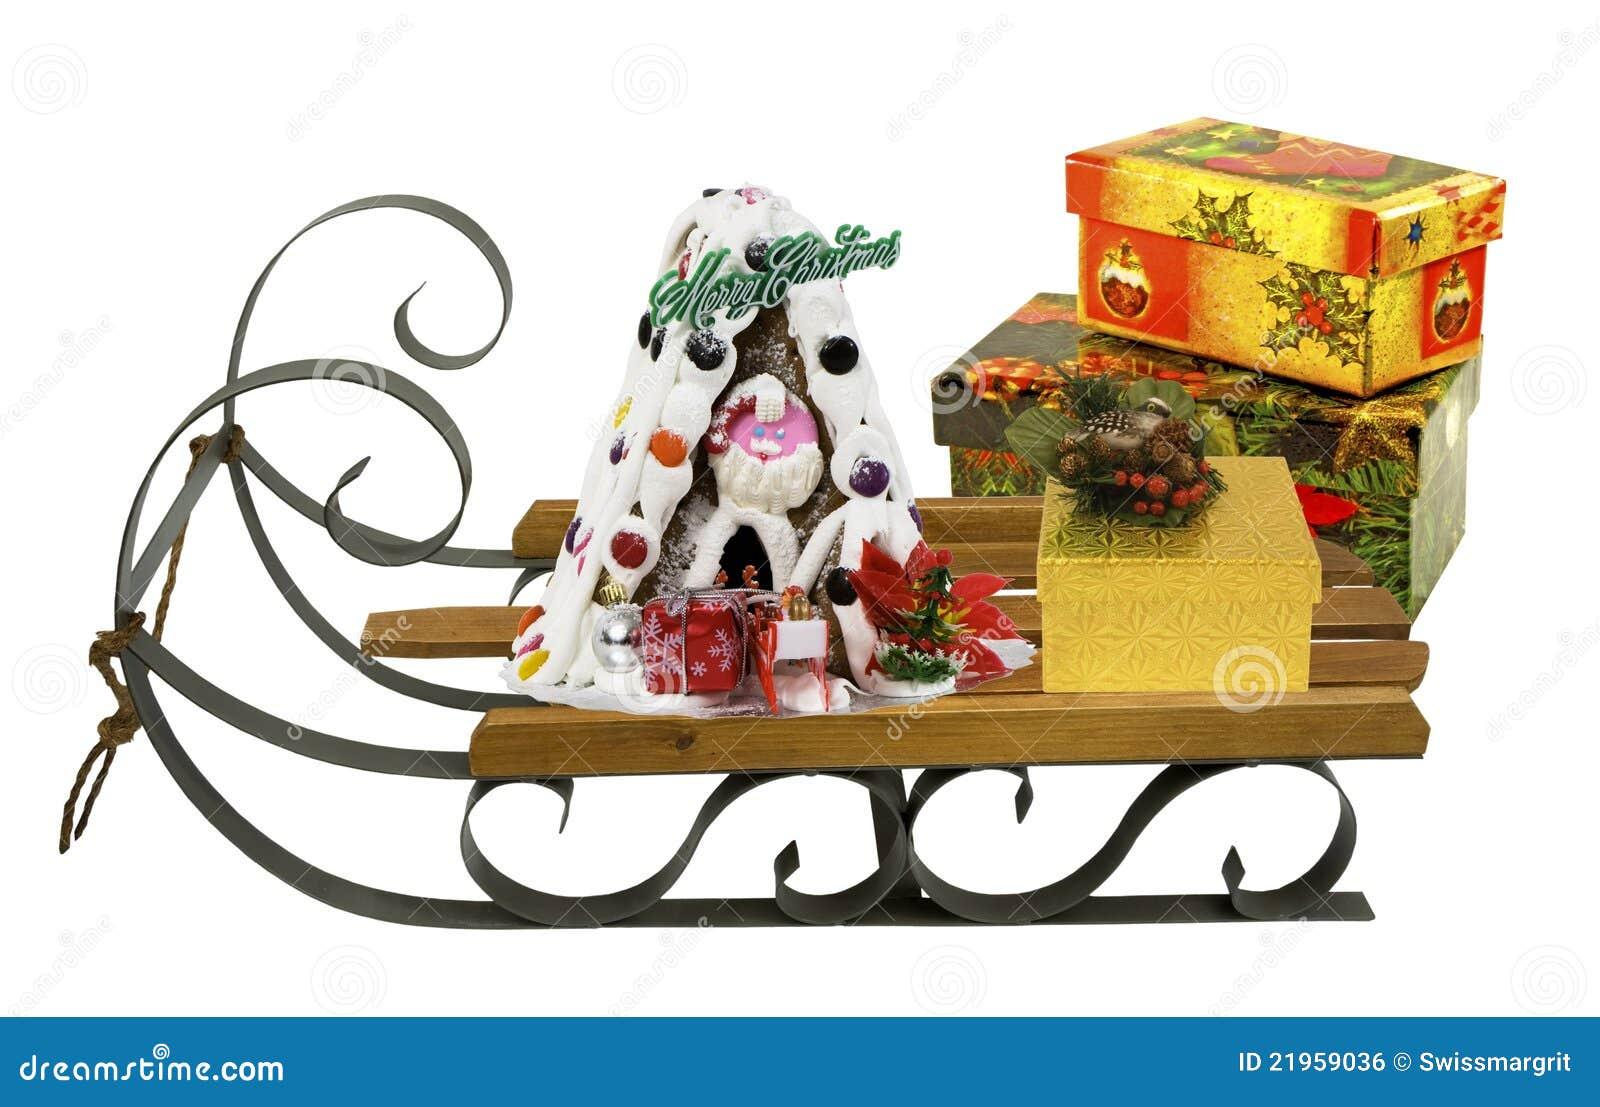 schlitten mit weihnachtsmann archivbilder abgabe des. Black Bedroom Furniture Sets. Home Design Ideas